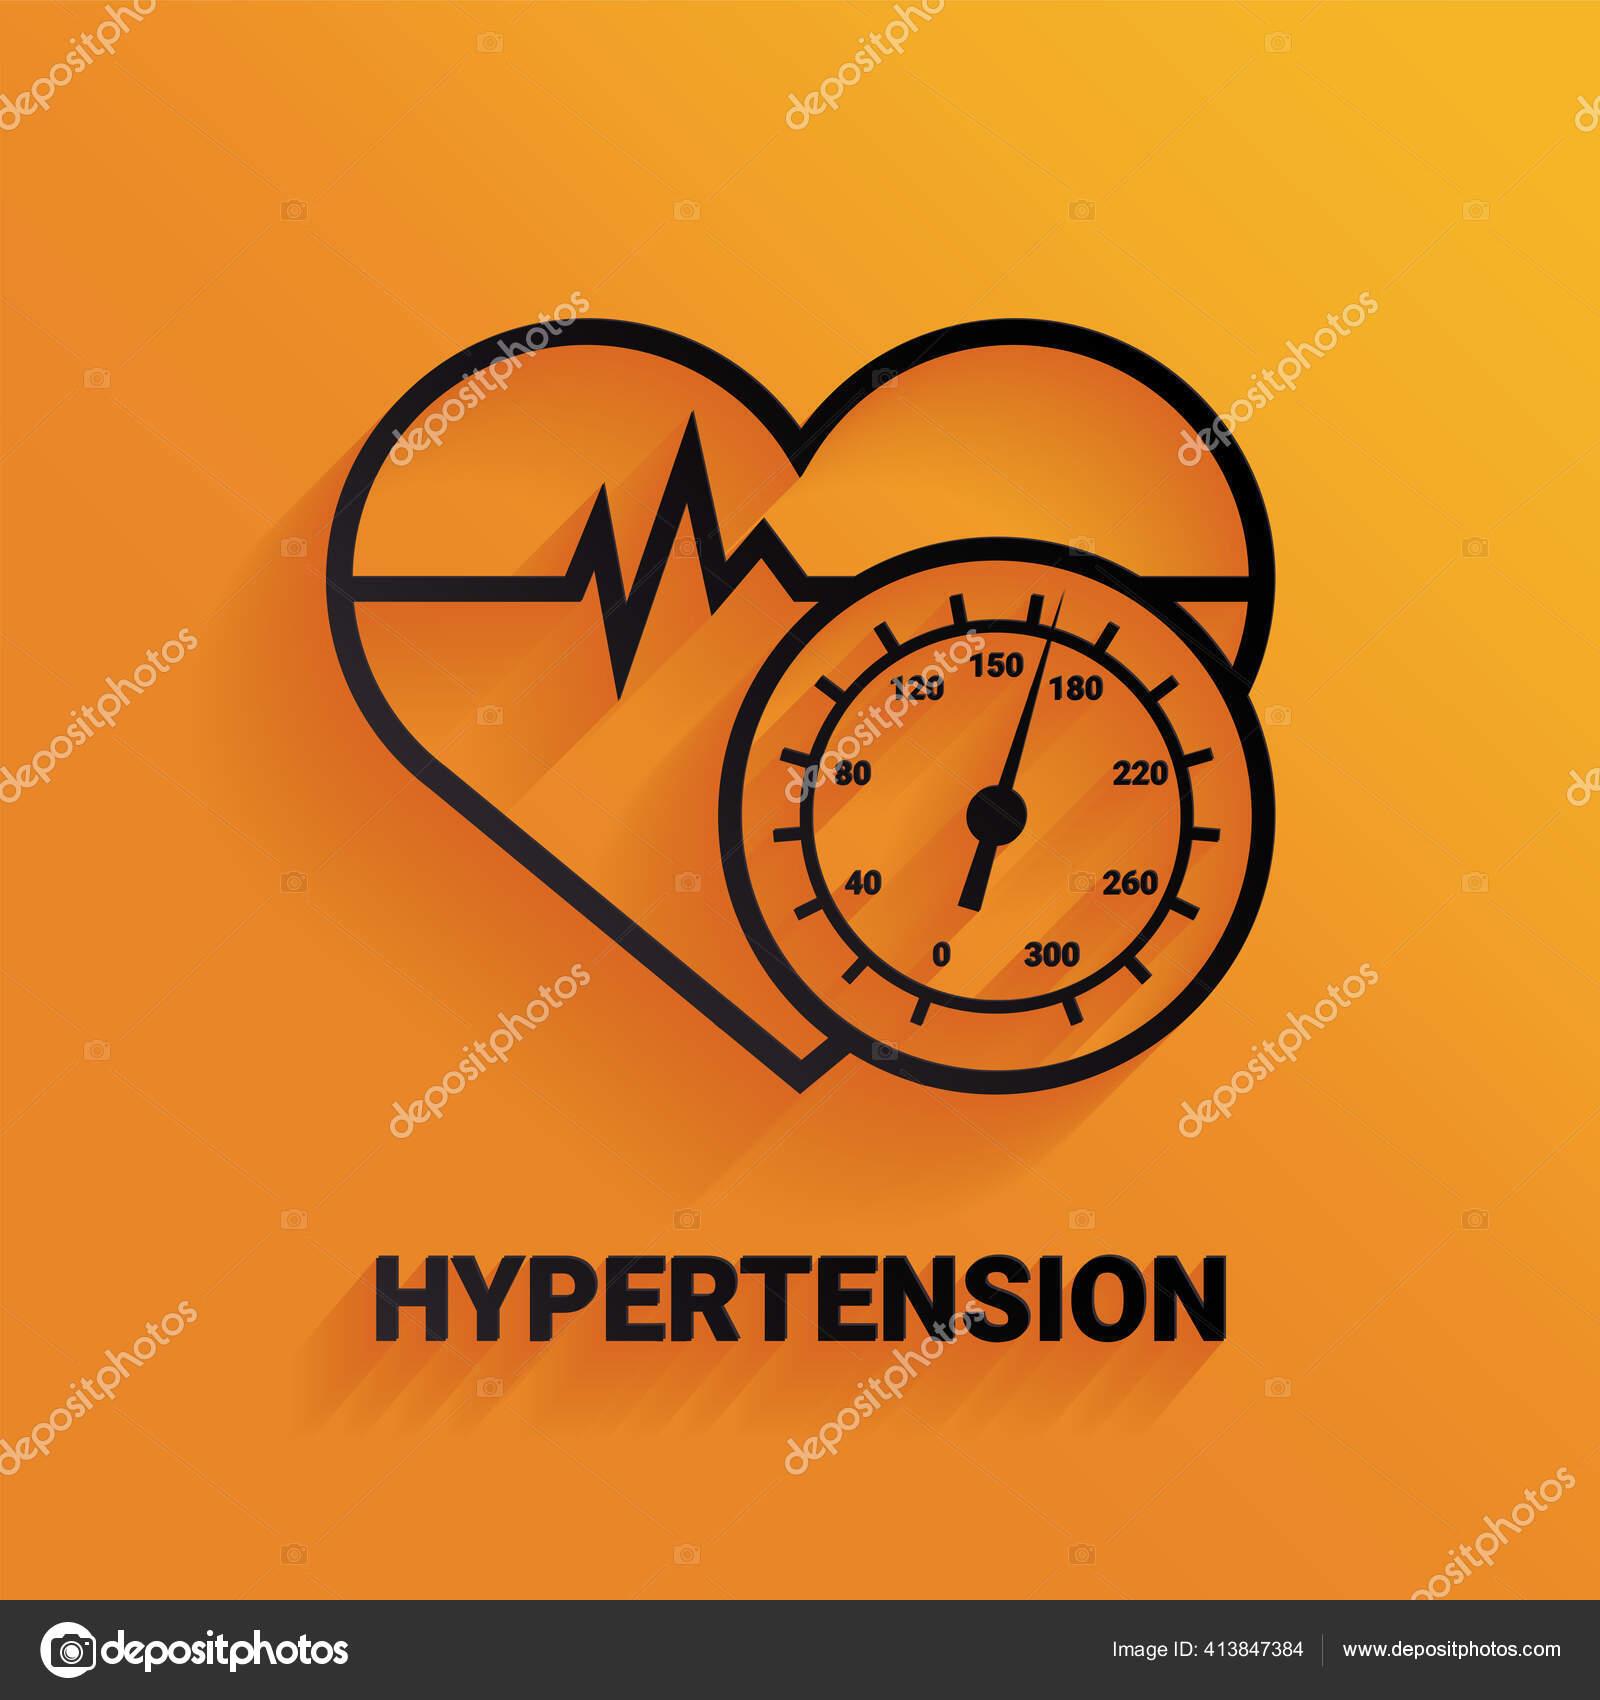 magas vérnyomás poszterek dohányzás és a magas vérnyomás kockázata